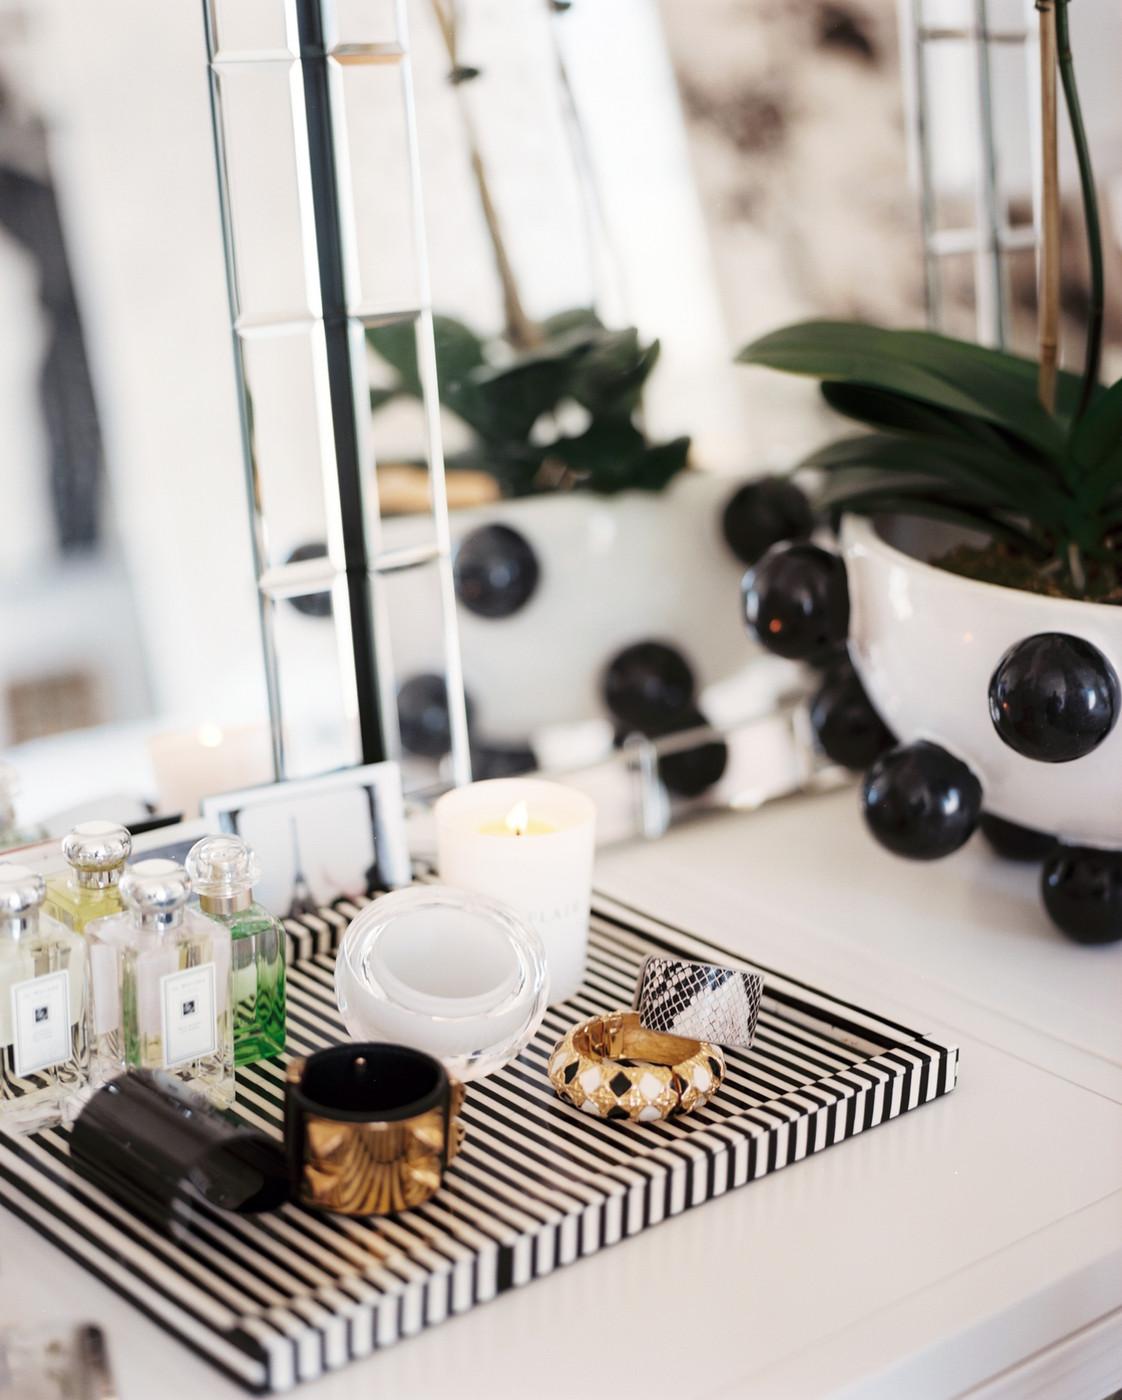 تزئین میز آرایش در دکوراسیون اتاق خواب با روش های ساده اما تاثیرگذار